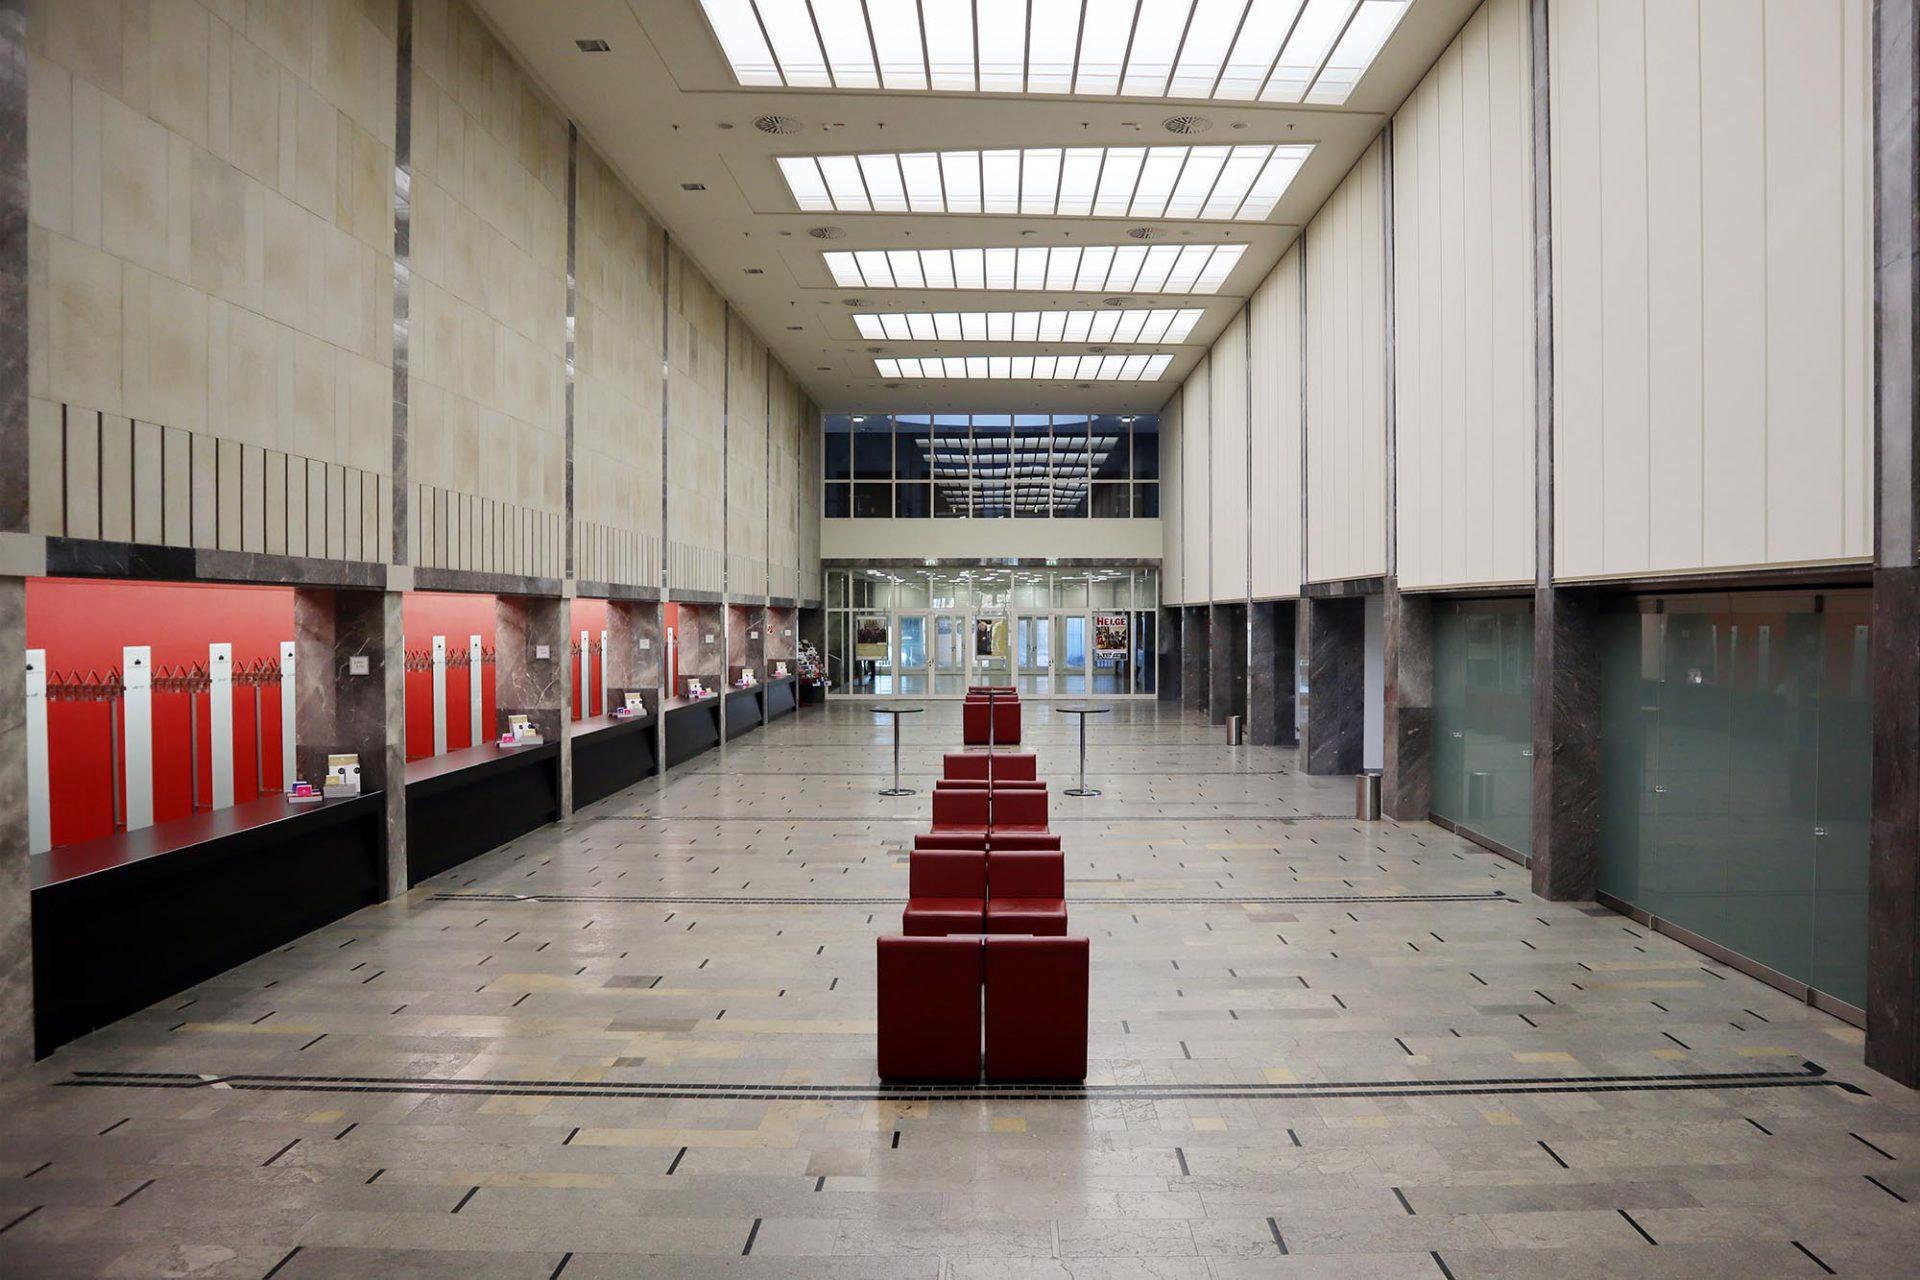 Philharmonie. Ursprünglich im neobarrocken Stil mit Jugendstilelementen errichtet, wurde es im Zweiten Weltkrieg zerstört und 1950 mit seiner eleganten neoklassizistischen Pfeilervorhalle wiedererrichtet.